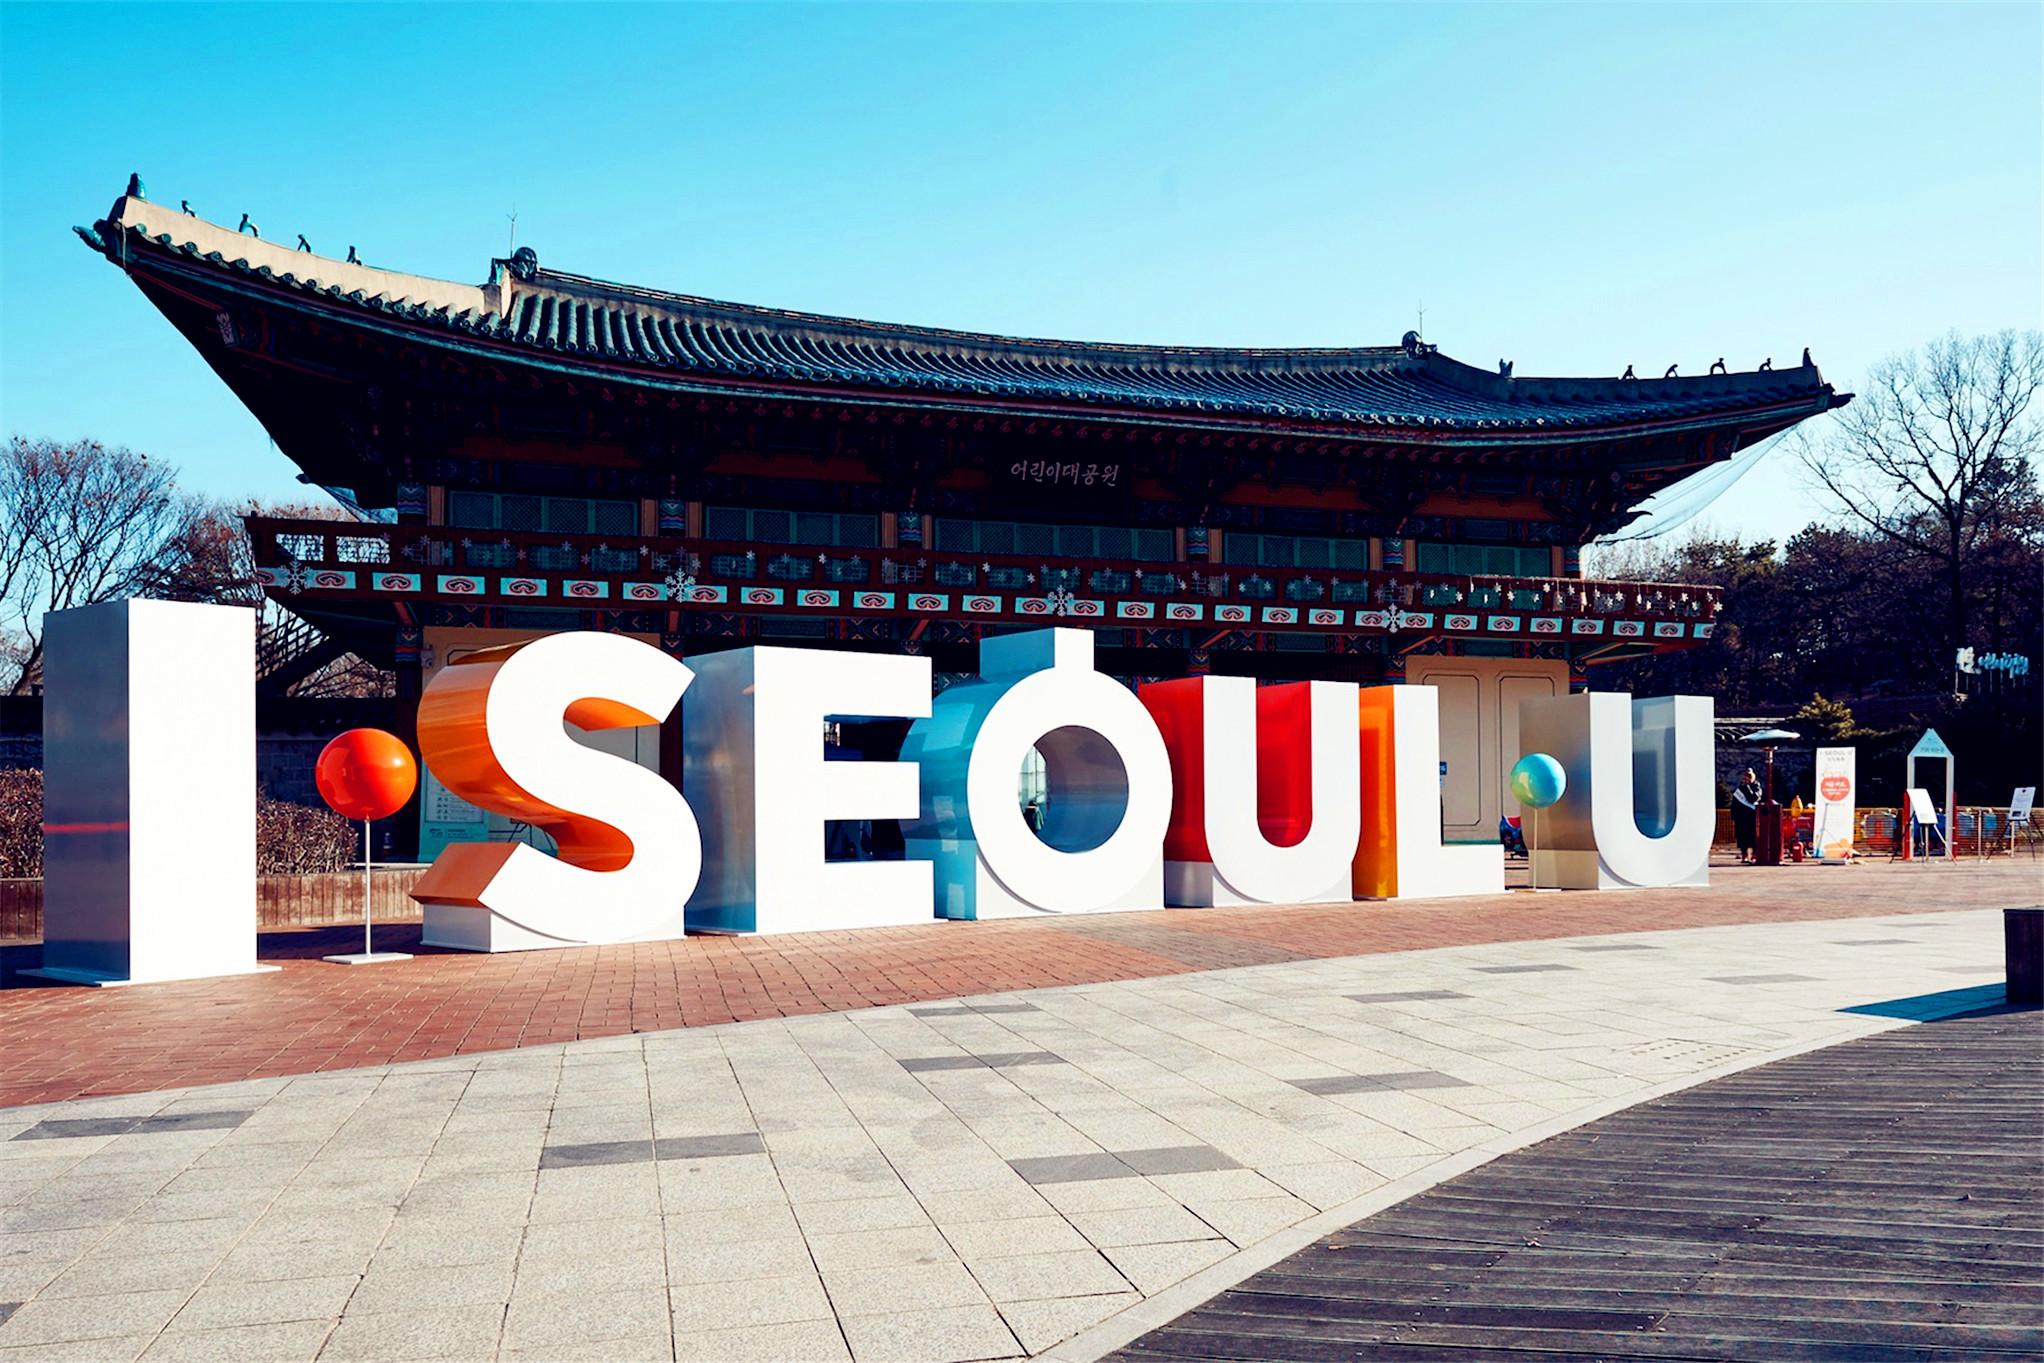 I·SEOUL·U 的造型物